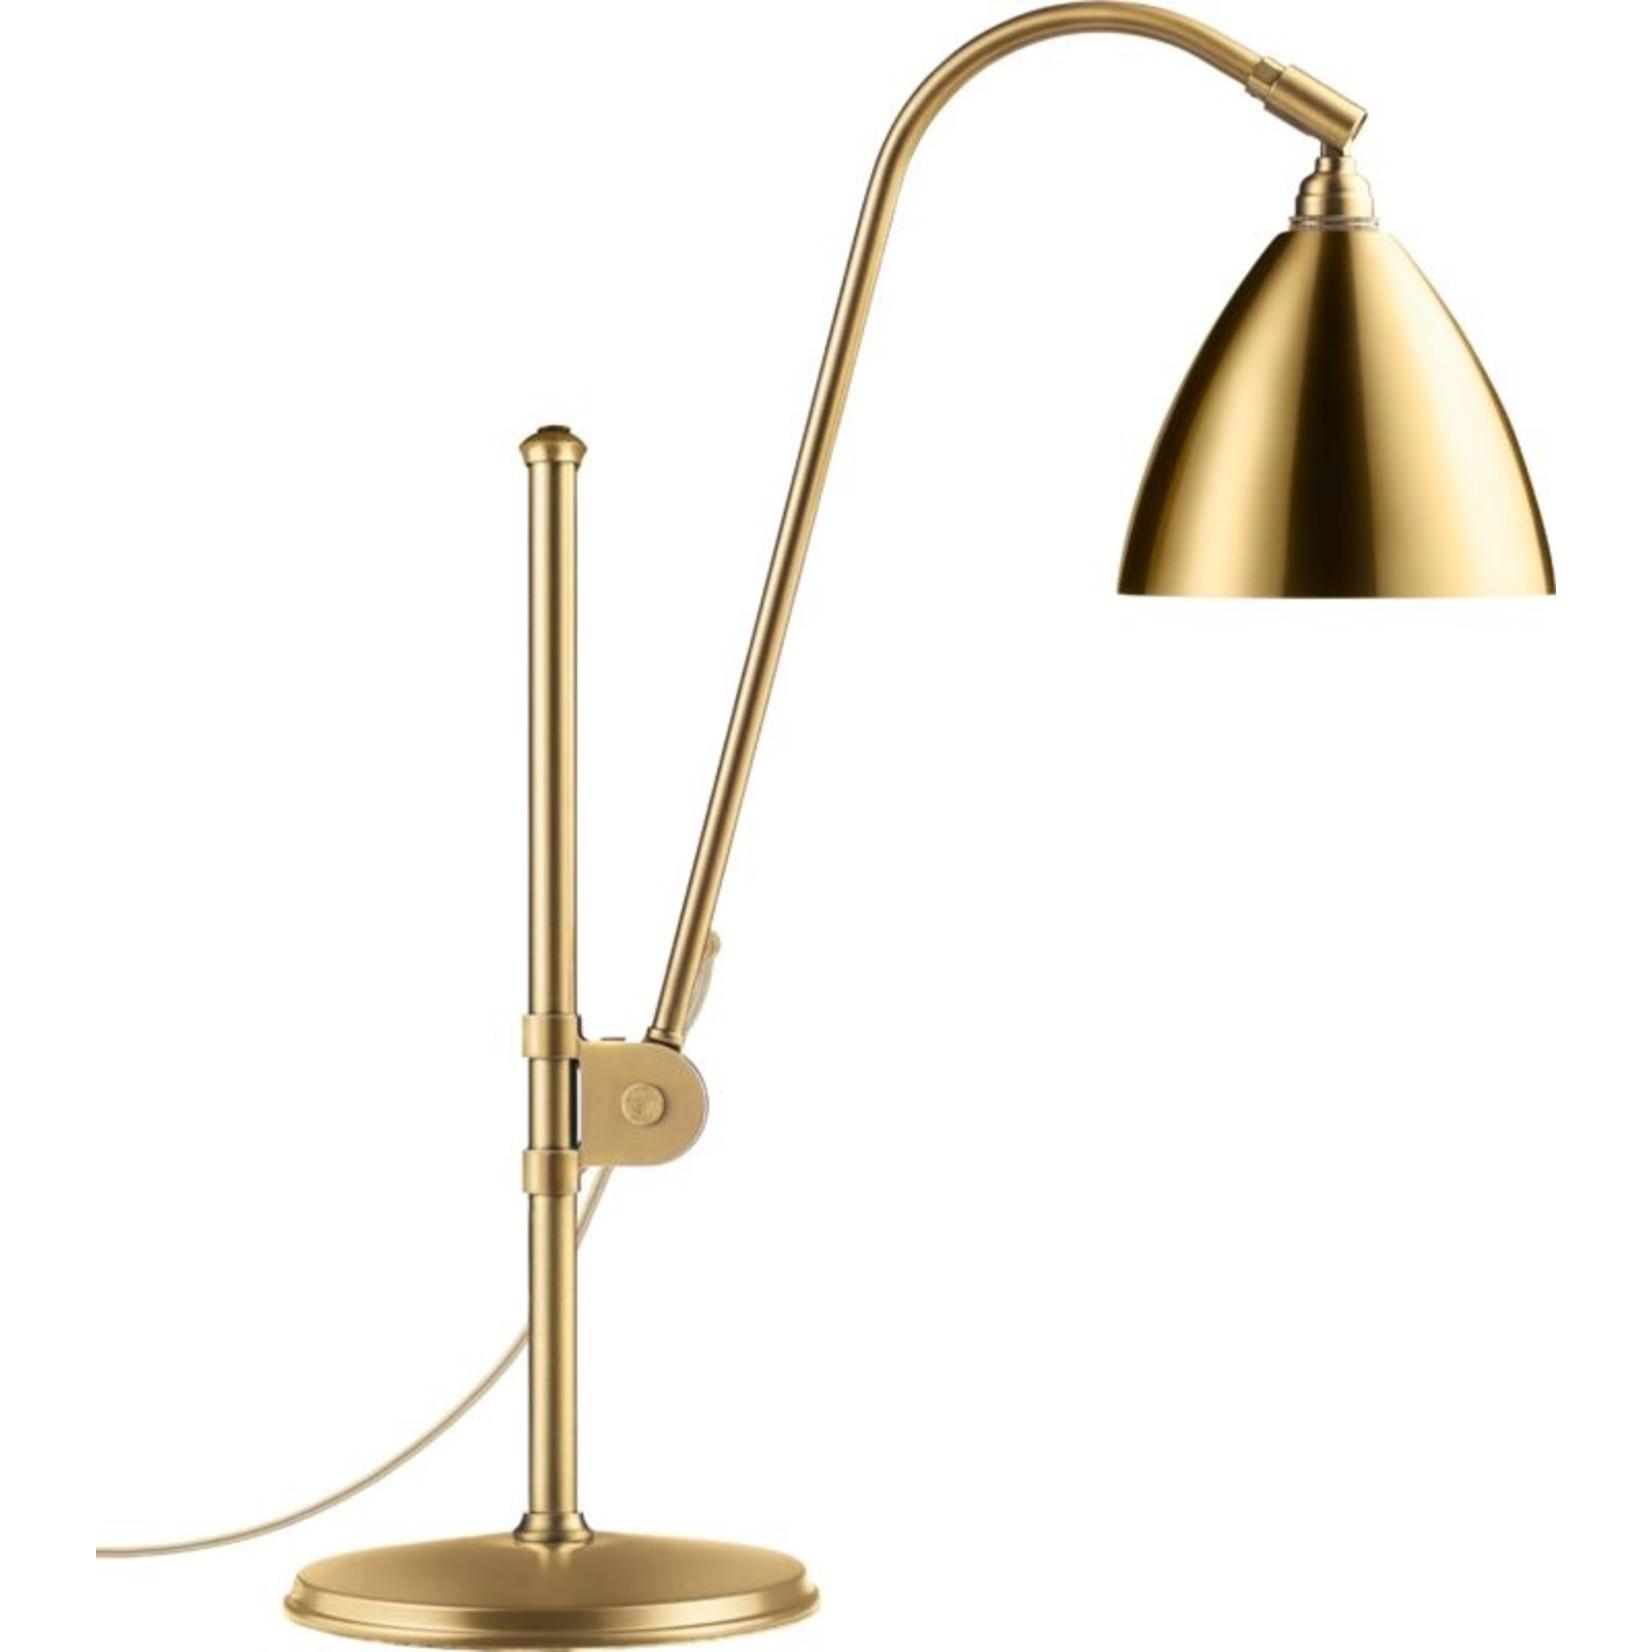 Gubi Lampe de table BL1 - Ø16 | Base en laiton et abat-jour en laiton brillant